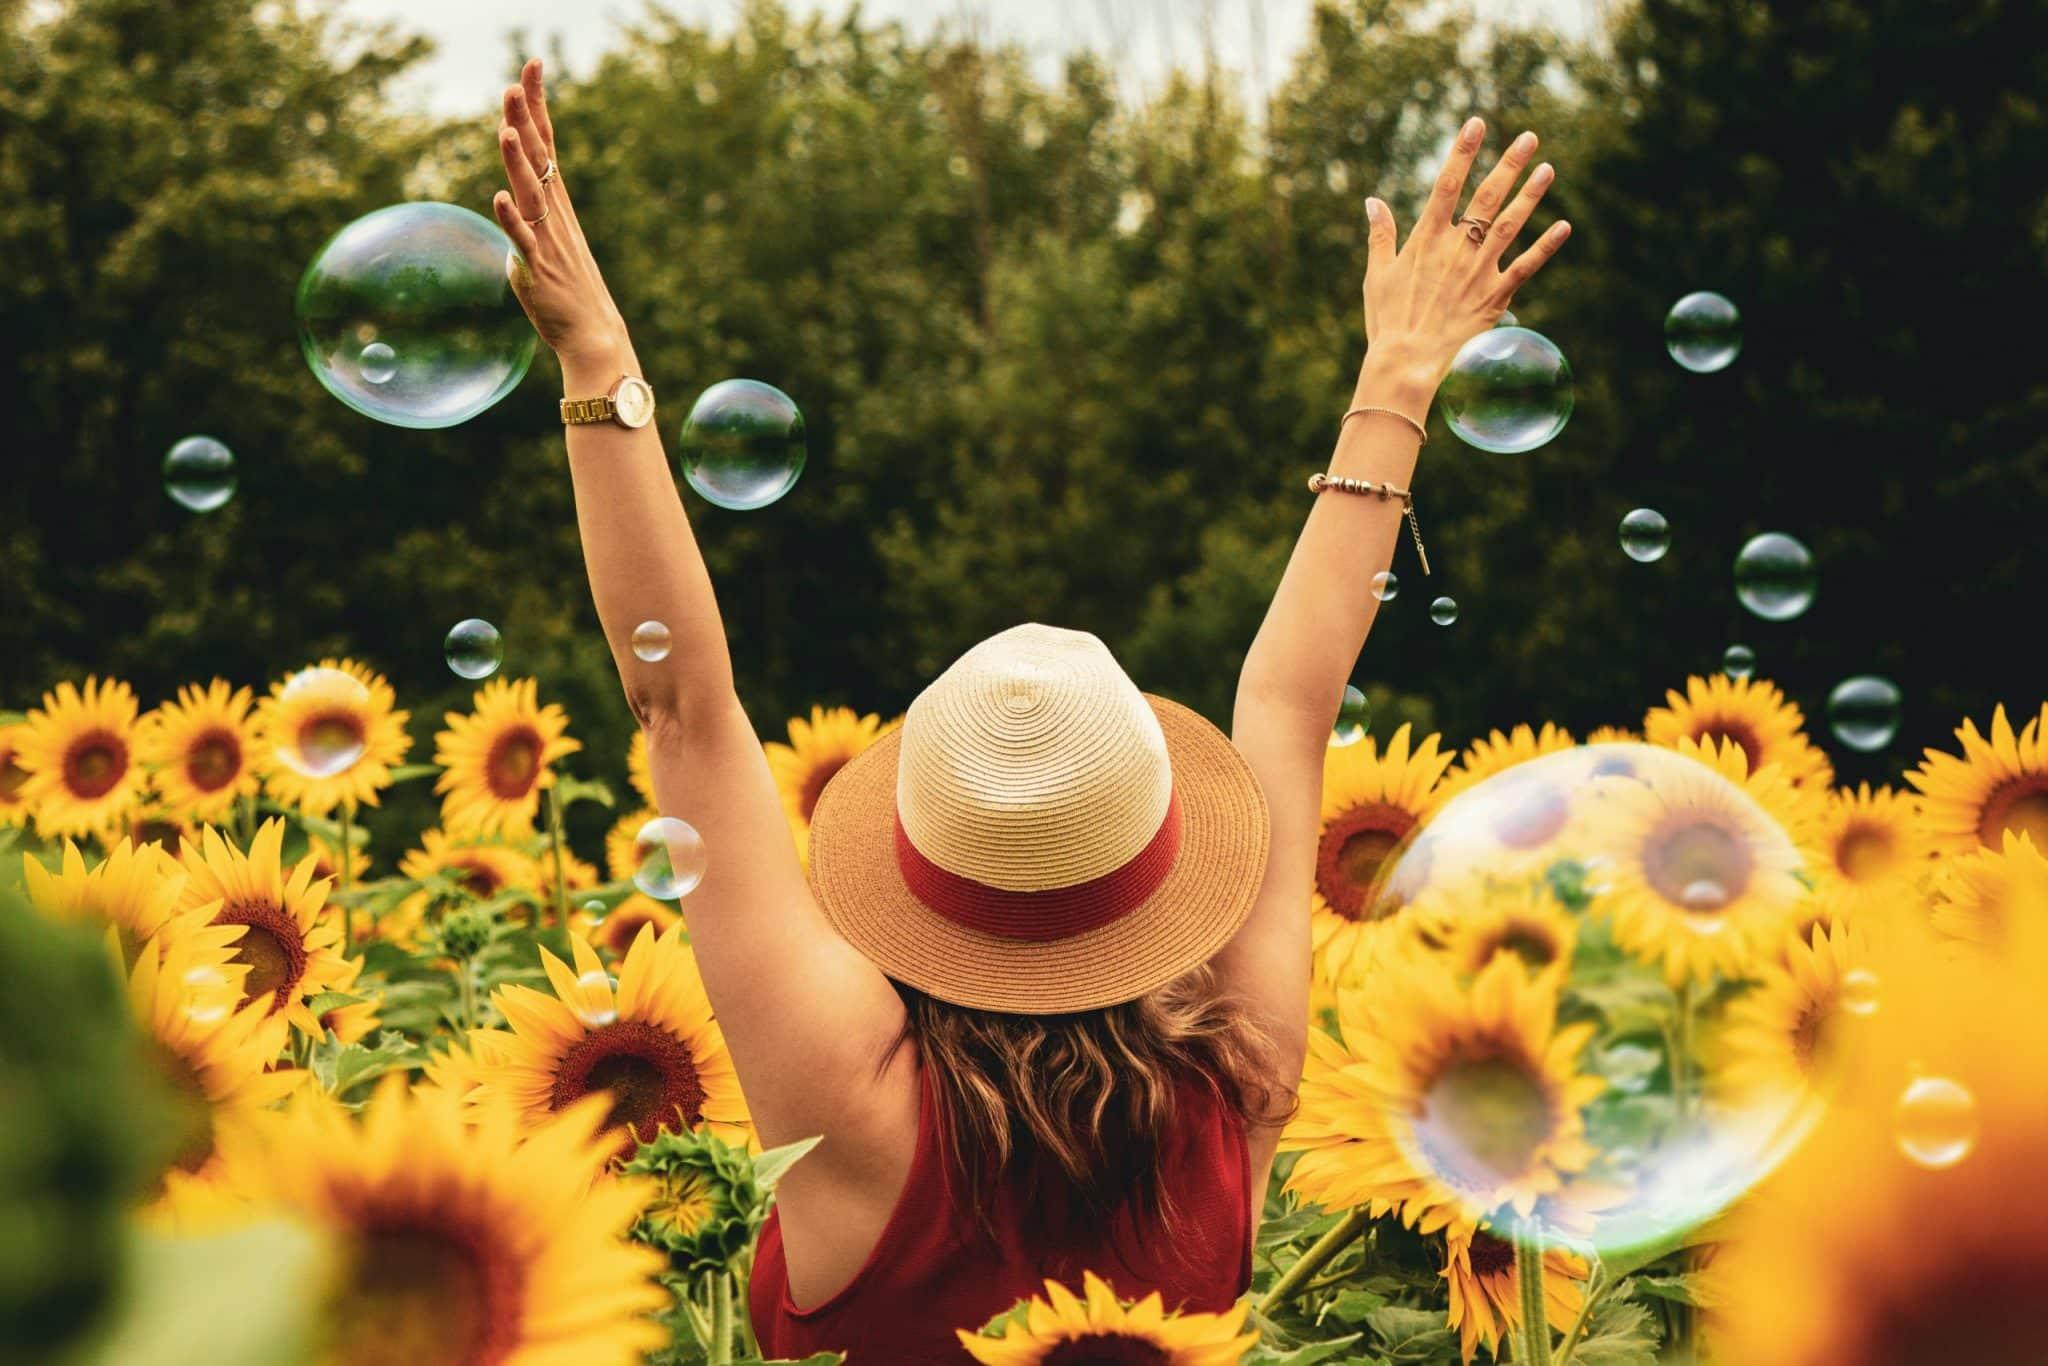 10 Façons de Devenir Plus Heureux (Selon la Science)